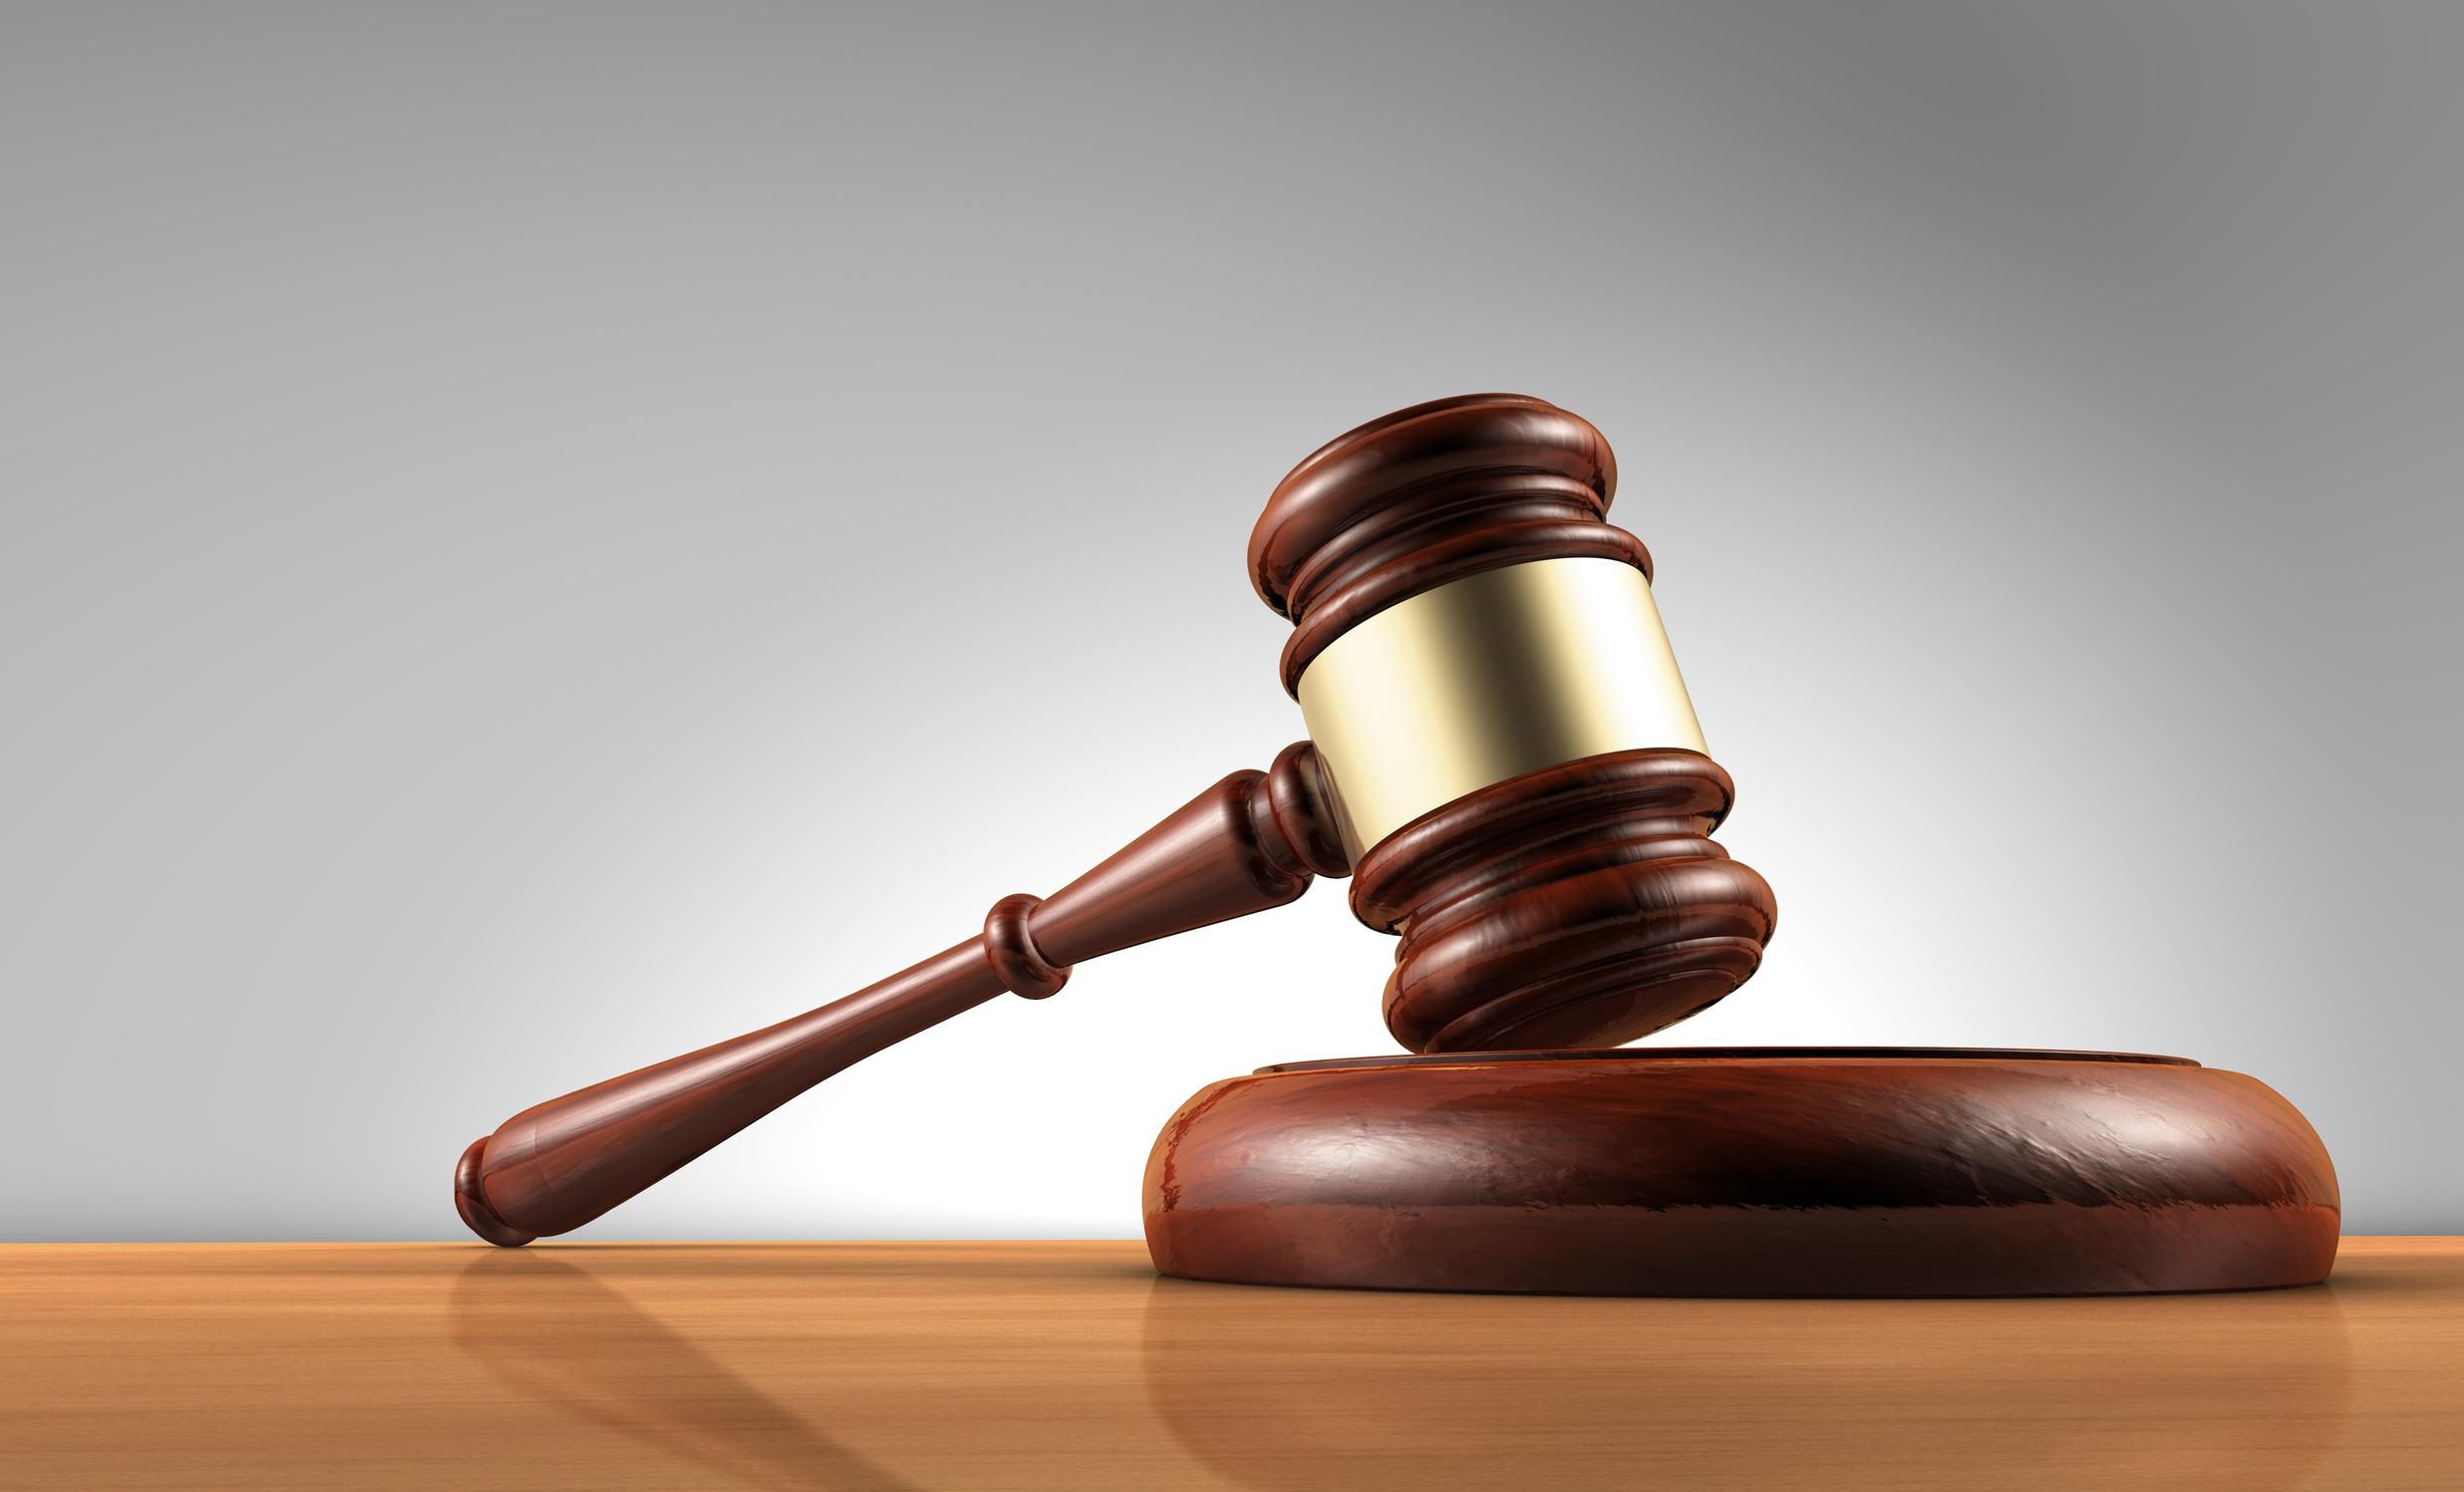 Court symbol